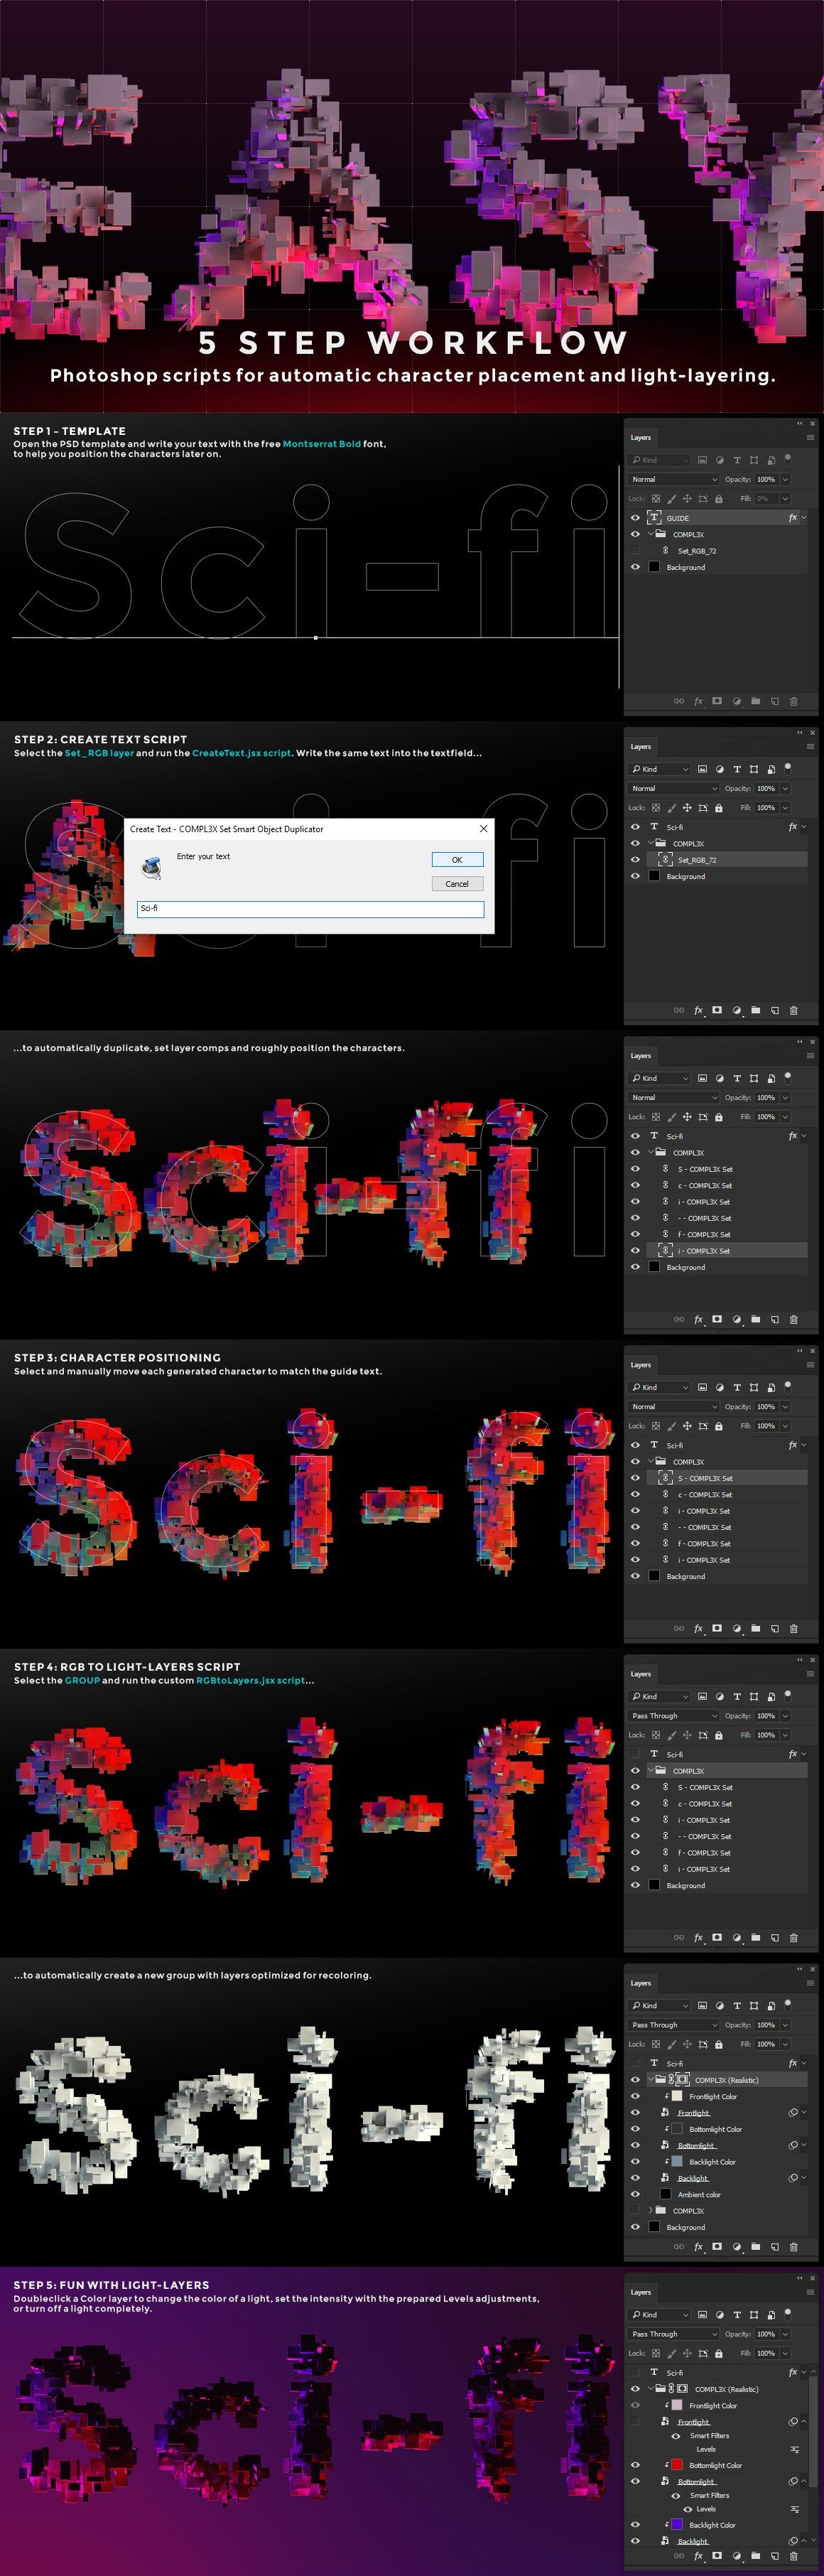 带有灯光科幻3D颗粒块状字母设计PS图层样式素材套件 COMPL3X – Futuristic 3D Alphabet Kit插图(1)